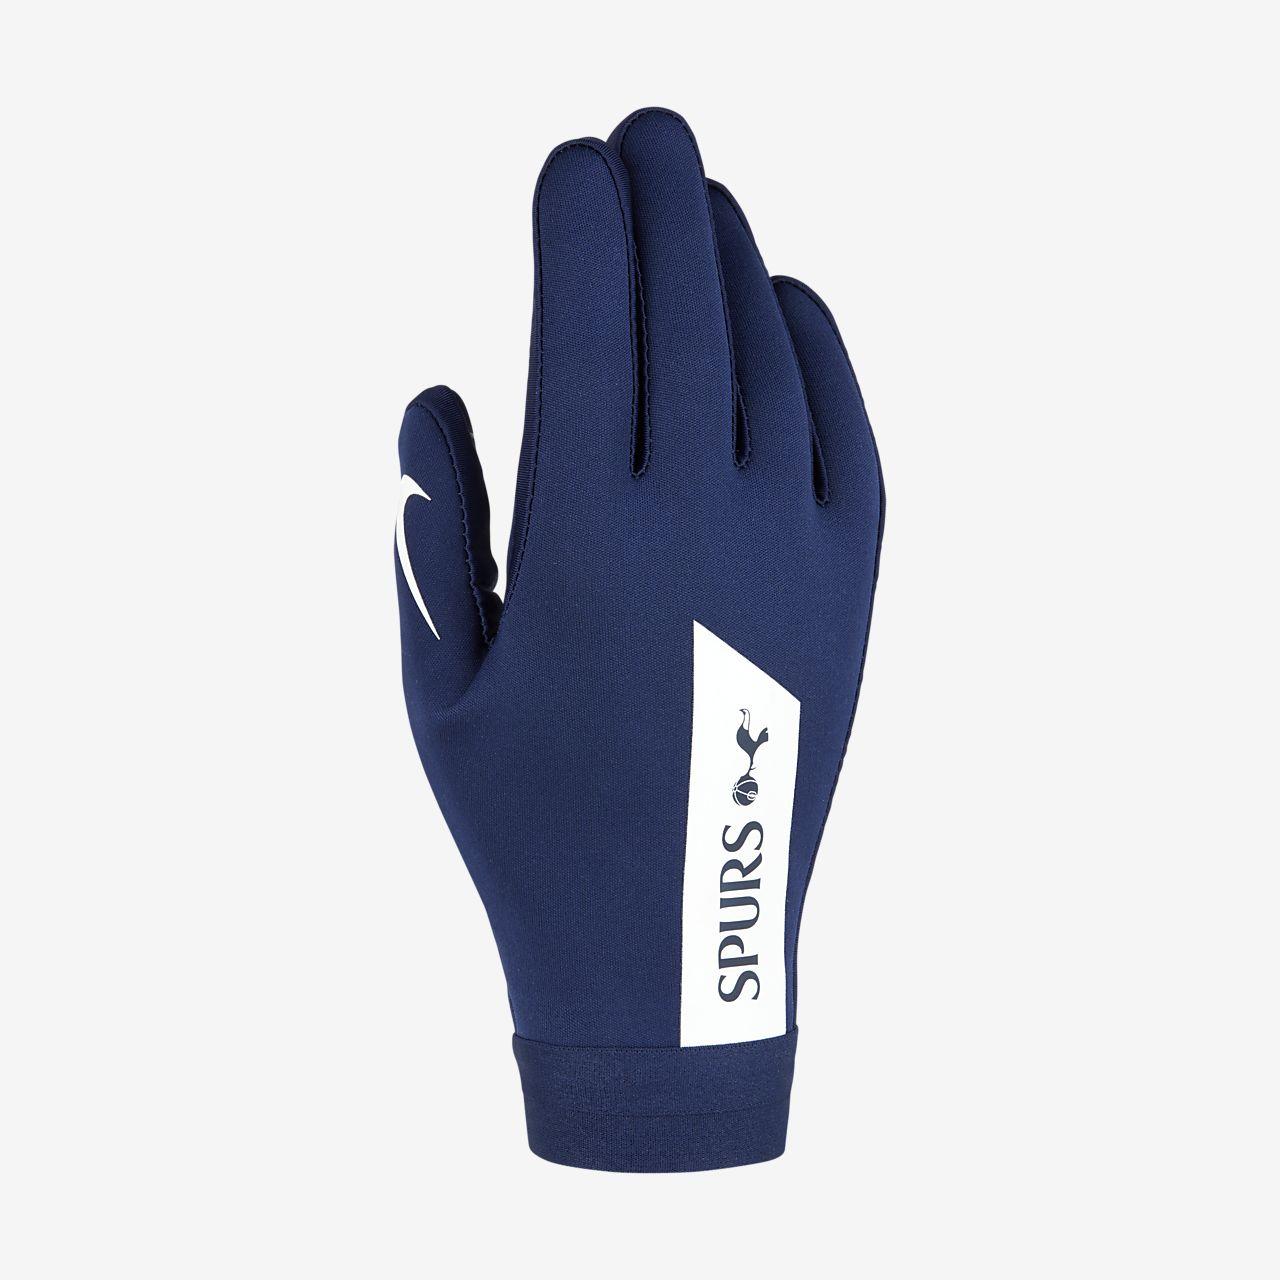 Γάντια ποδοσφαίρου Nike HyperWarm Tottenham Hotspur Academy. Nike.com GR 40fa140b475